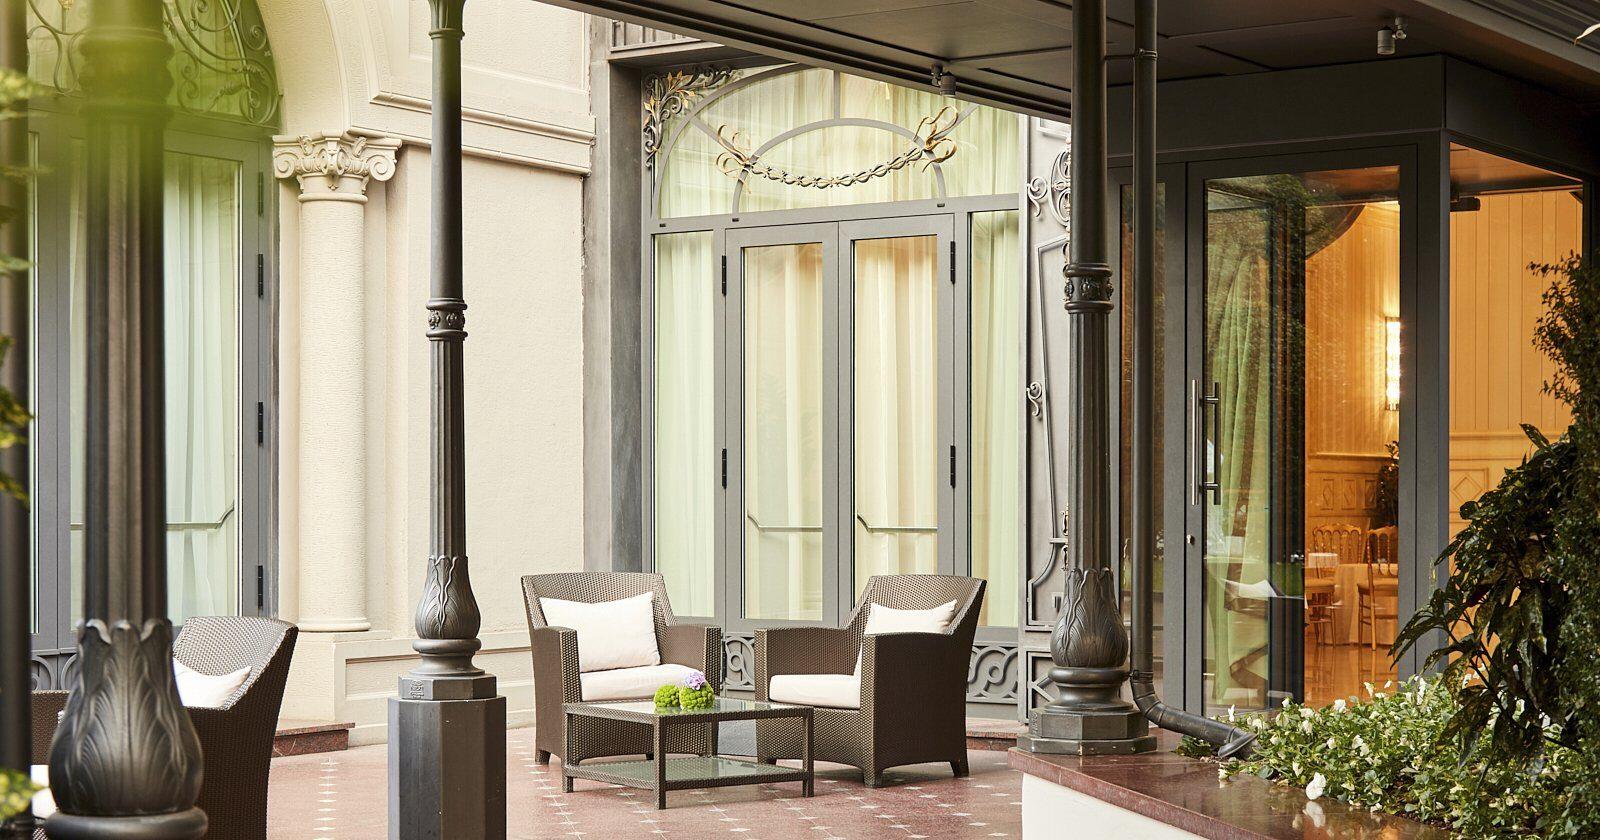 Hotel Principe di Savoia event spaces, Marconi